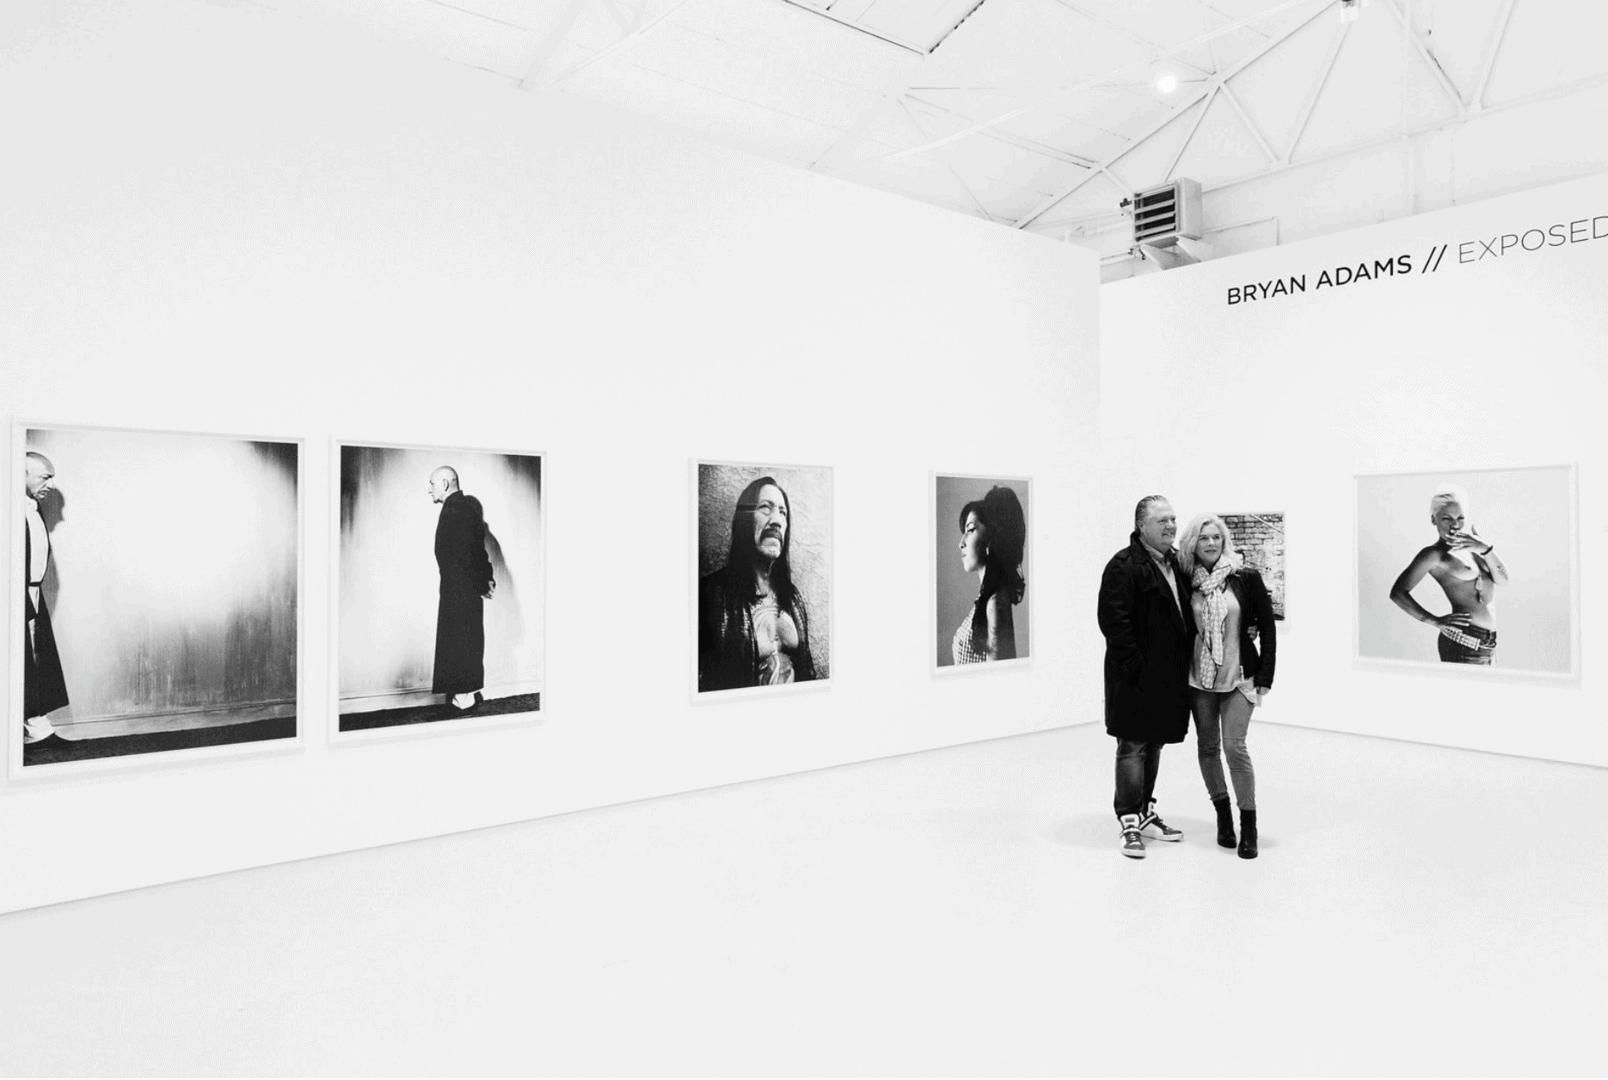 SOLOSHOW BRYAN ADAMS / EXPOSED at WERKHALLEN Galerie REMAGEN ®JanBirkenstock // 2017